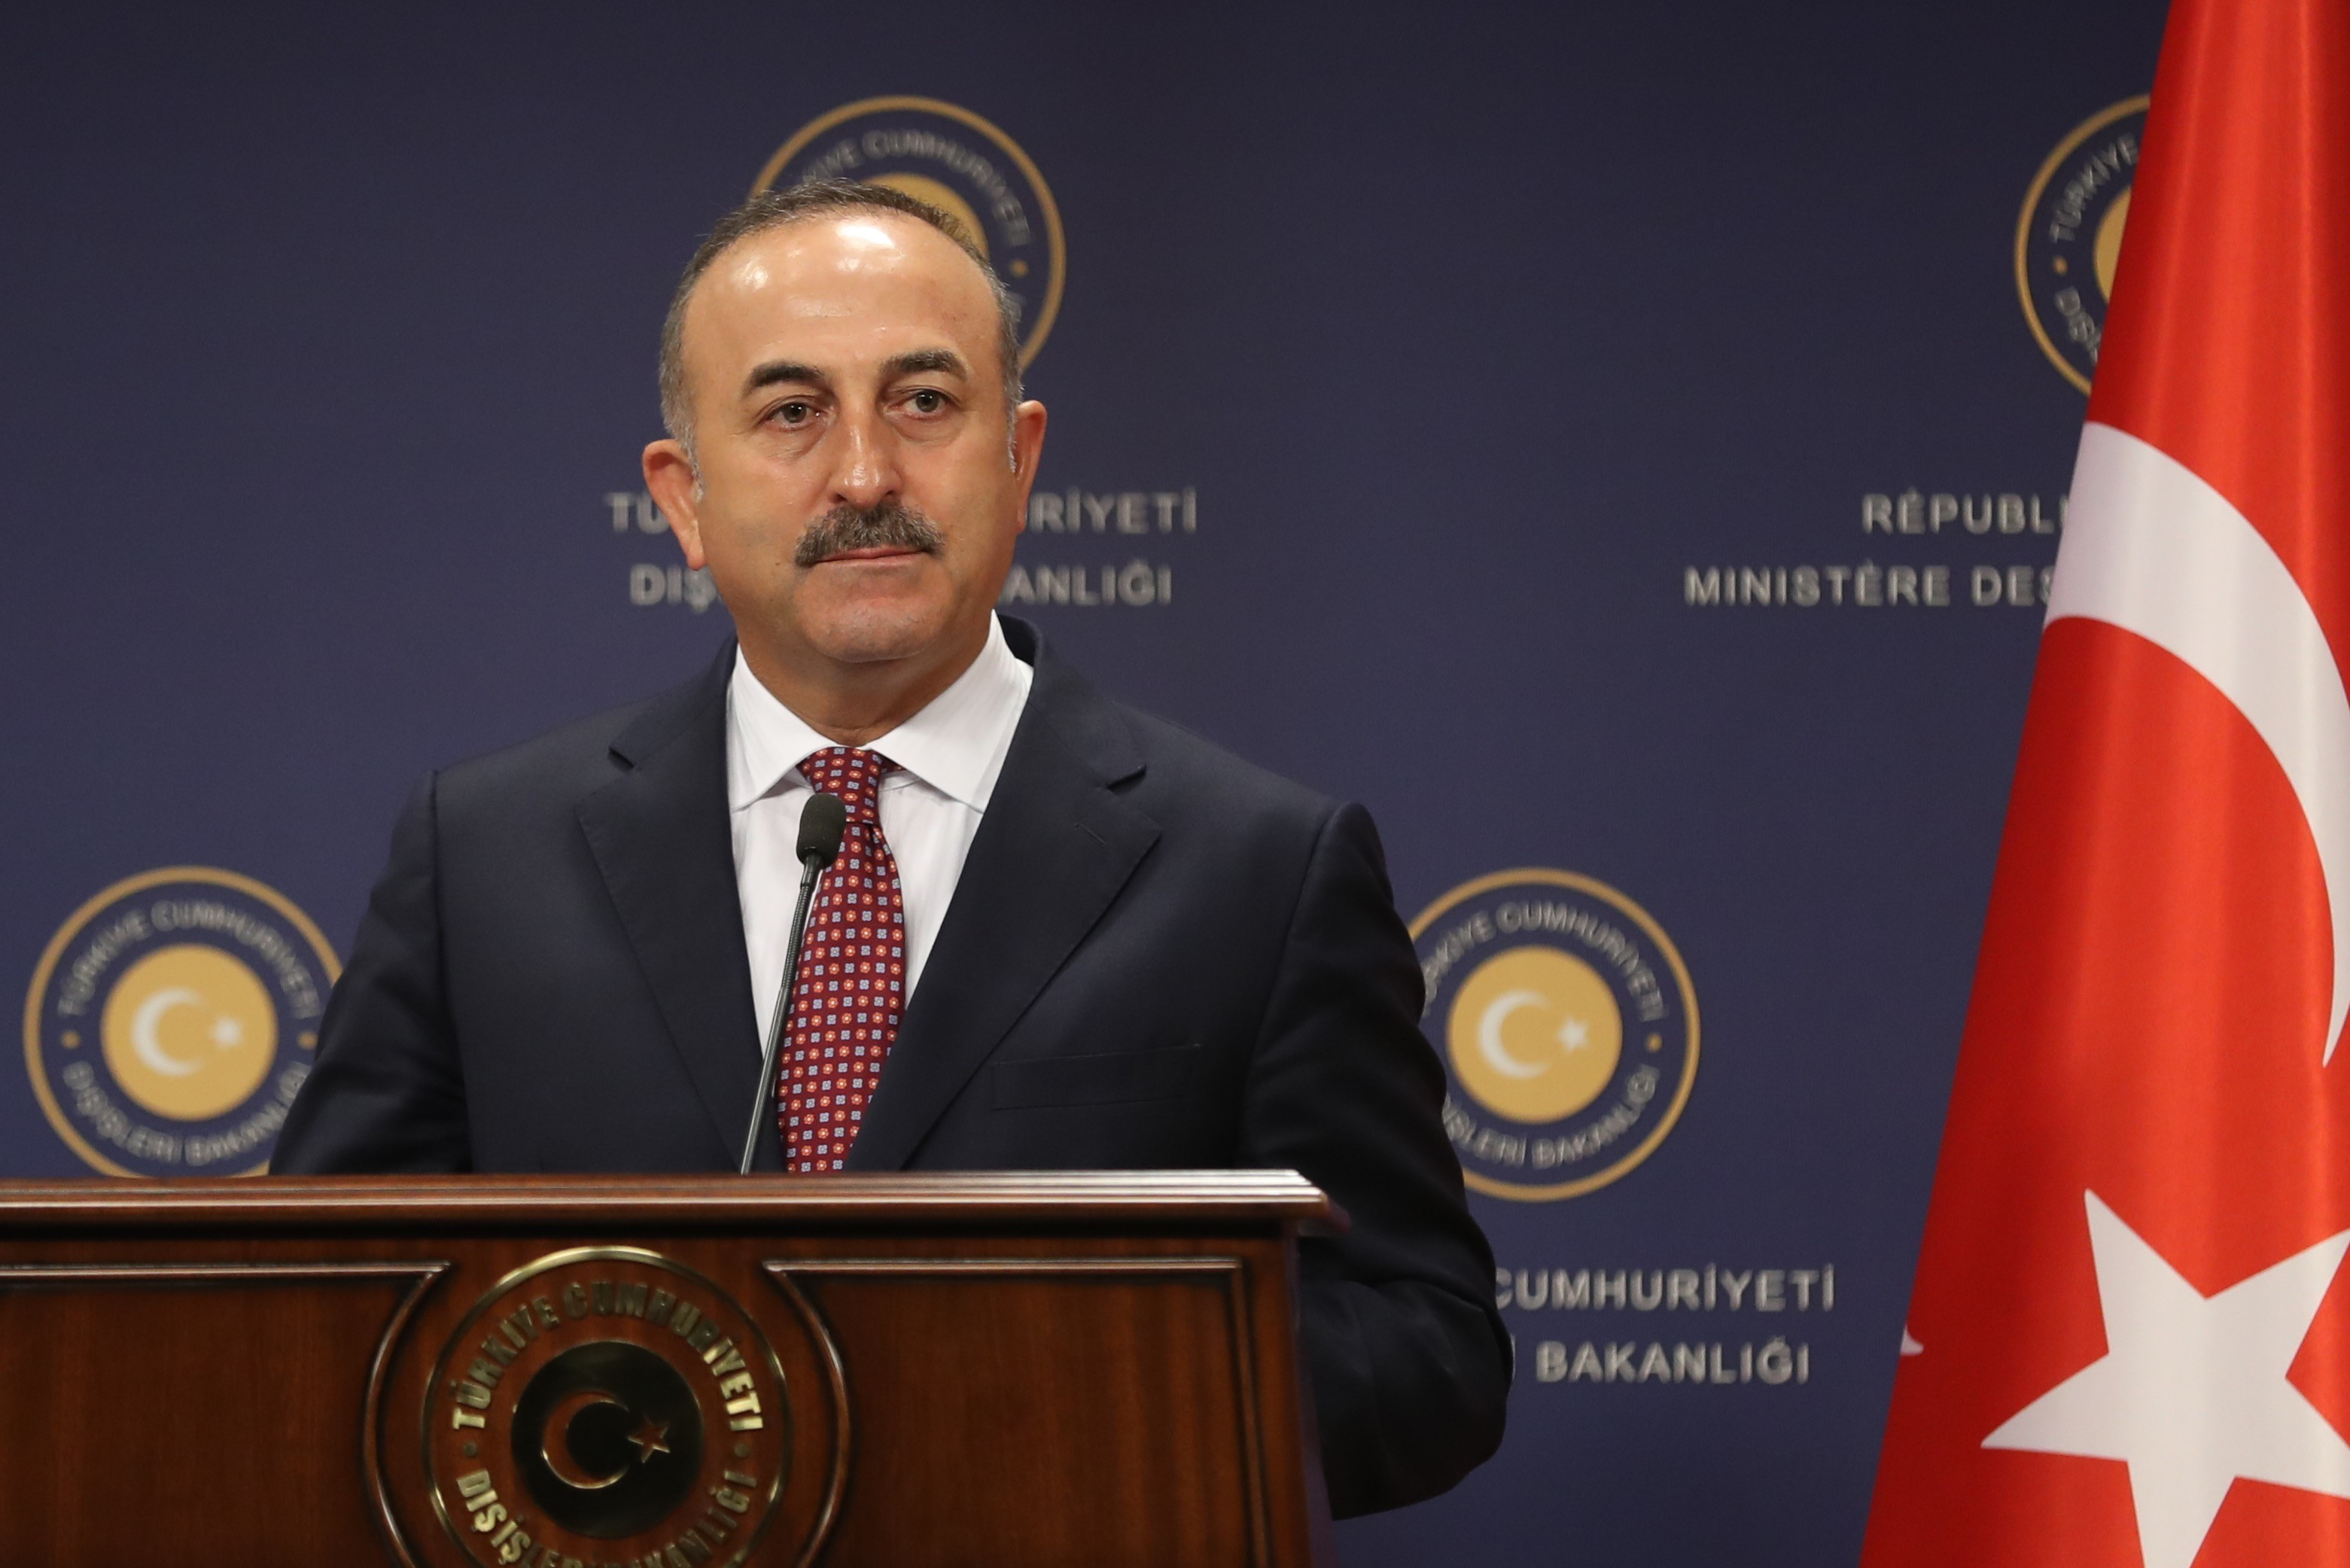 Nem engedték leszállni Hollandiában a török külügyminiszter gépét